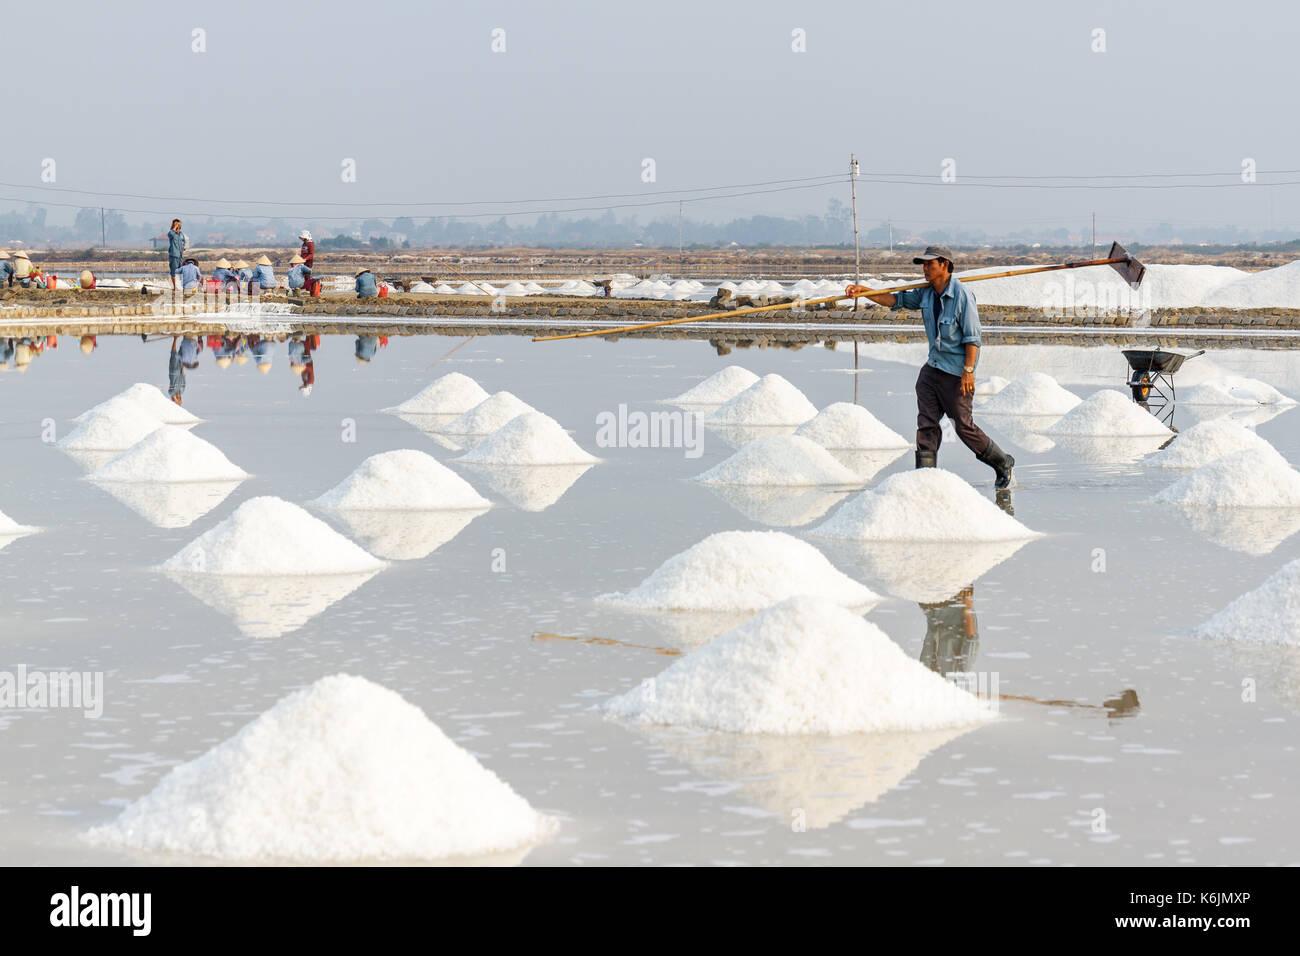 Nha Trang, Vietnam - 4/12/2016: los trabajadores y los montones de sal en el hon khoi sal campos en Nha Trang, Vietnam. Imagen De Stock